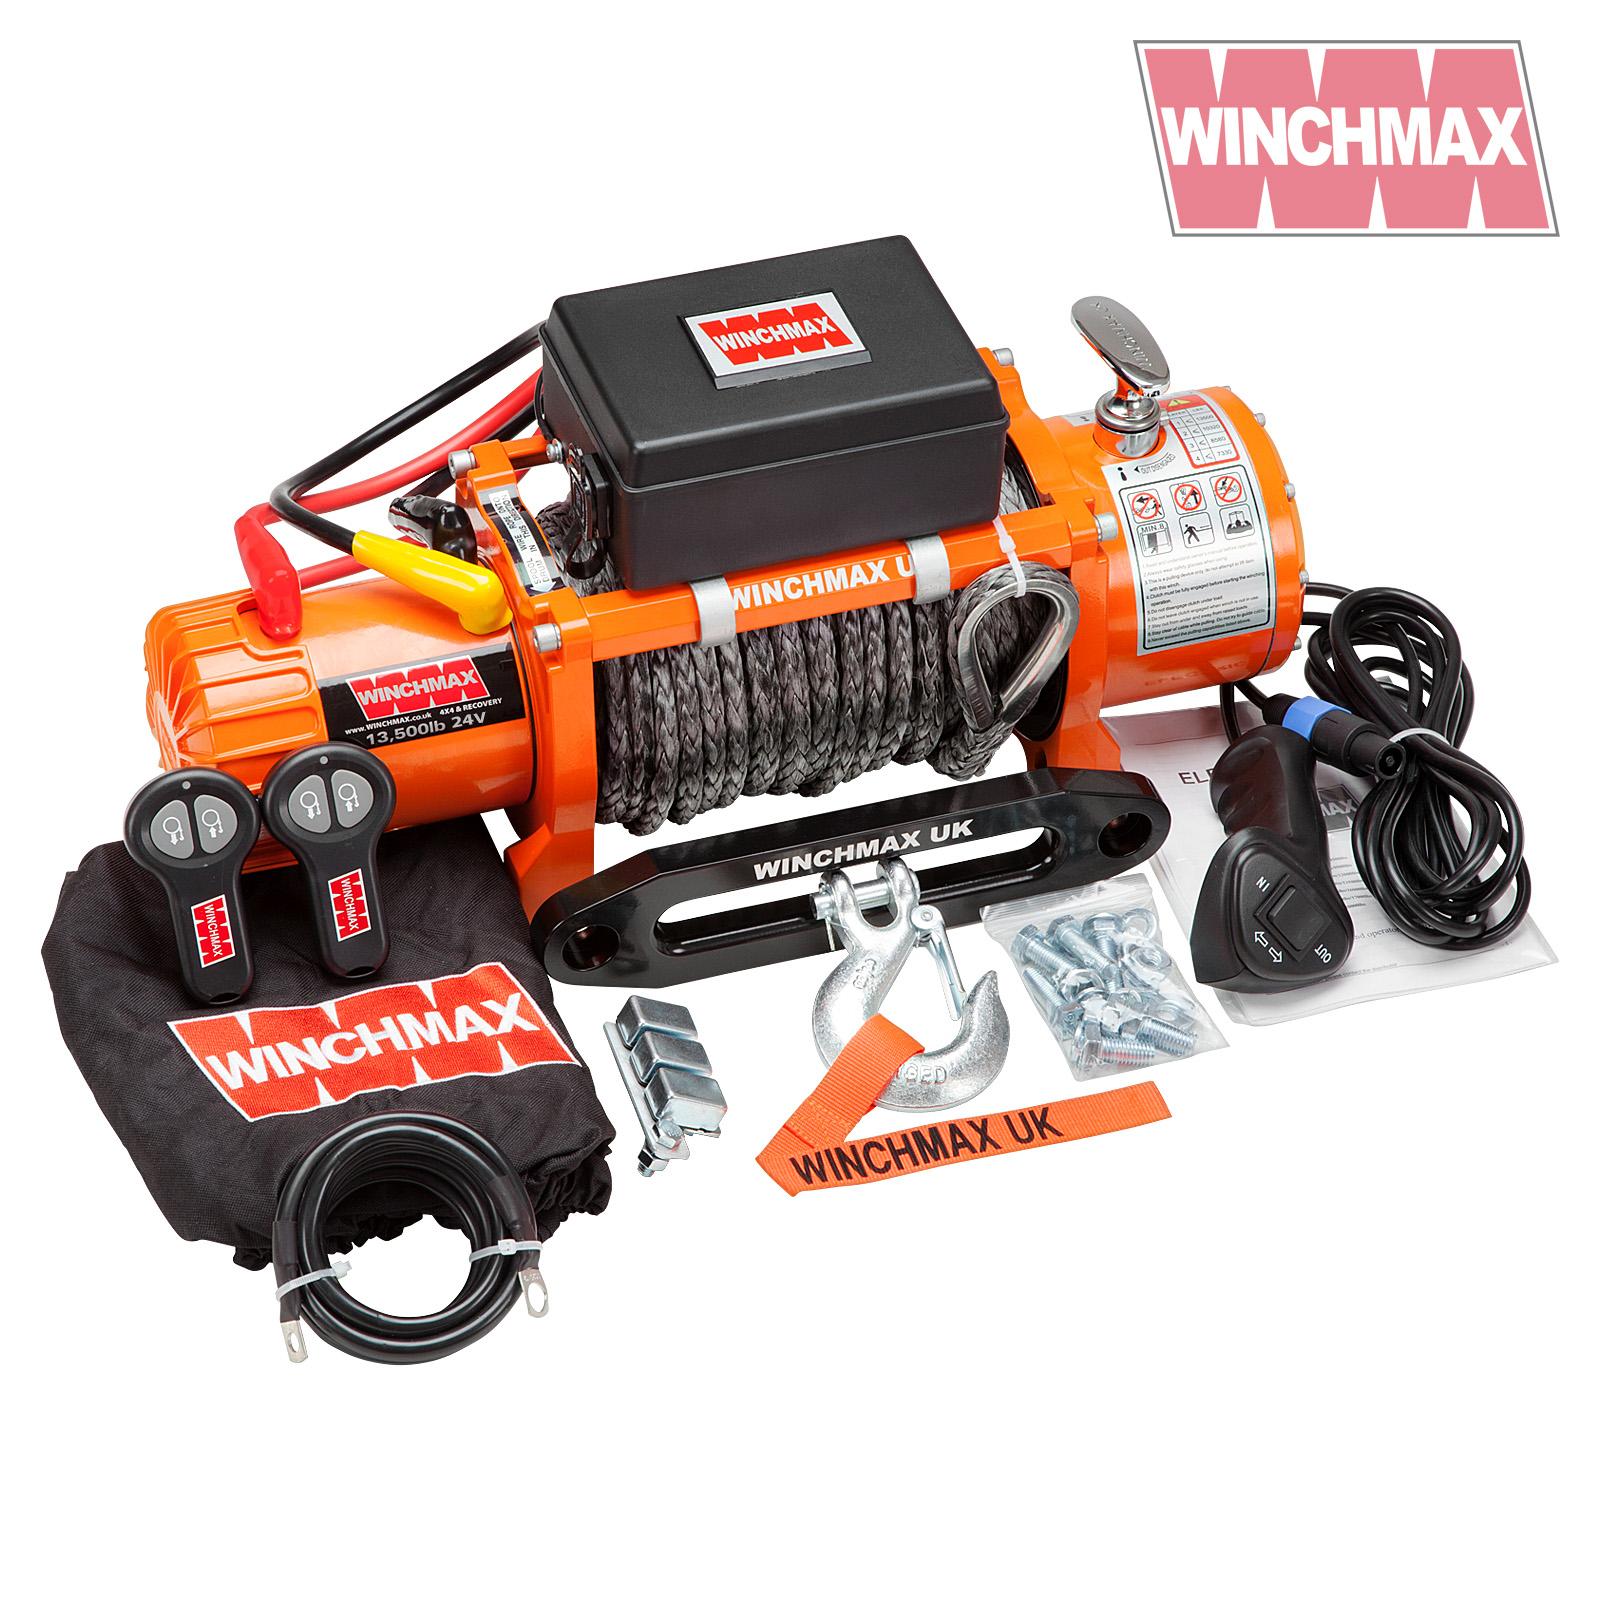 Wm1350024vrs winchmax 03